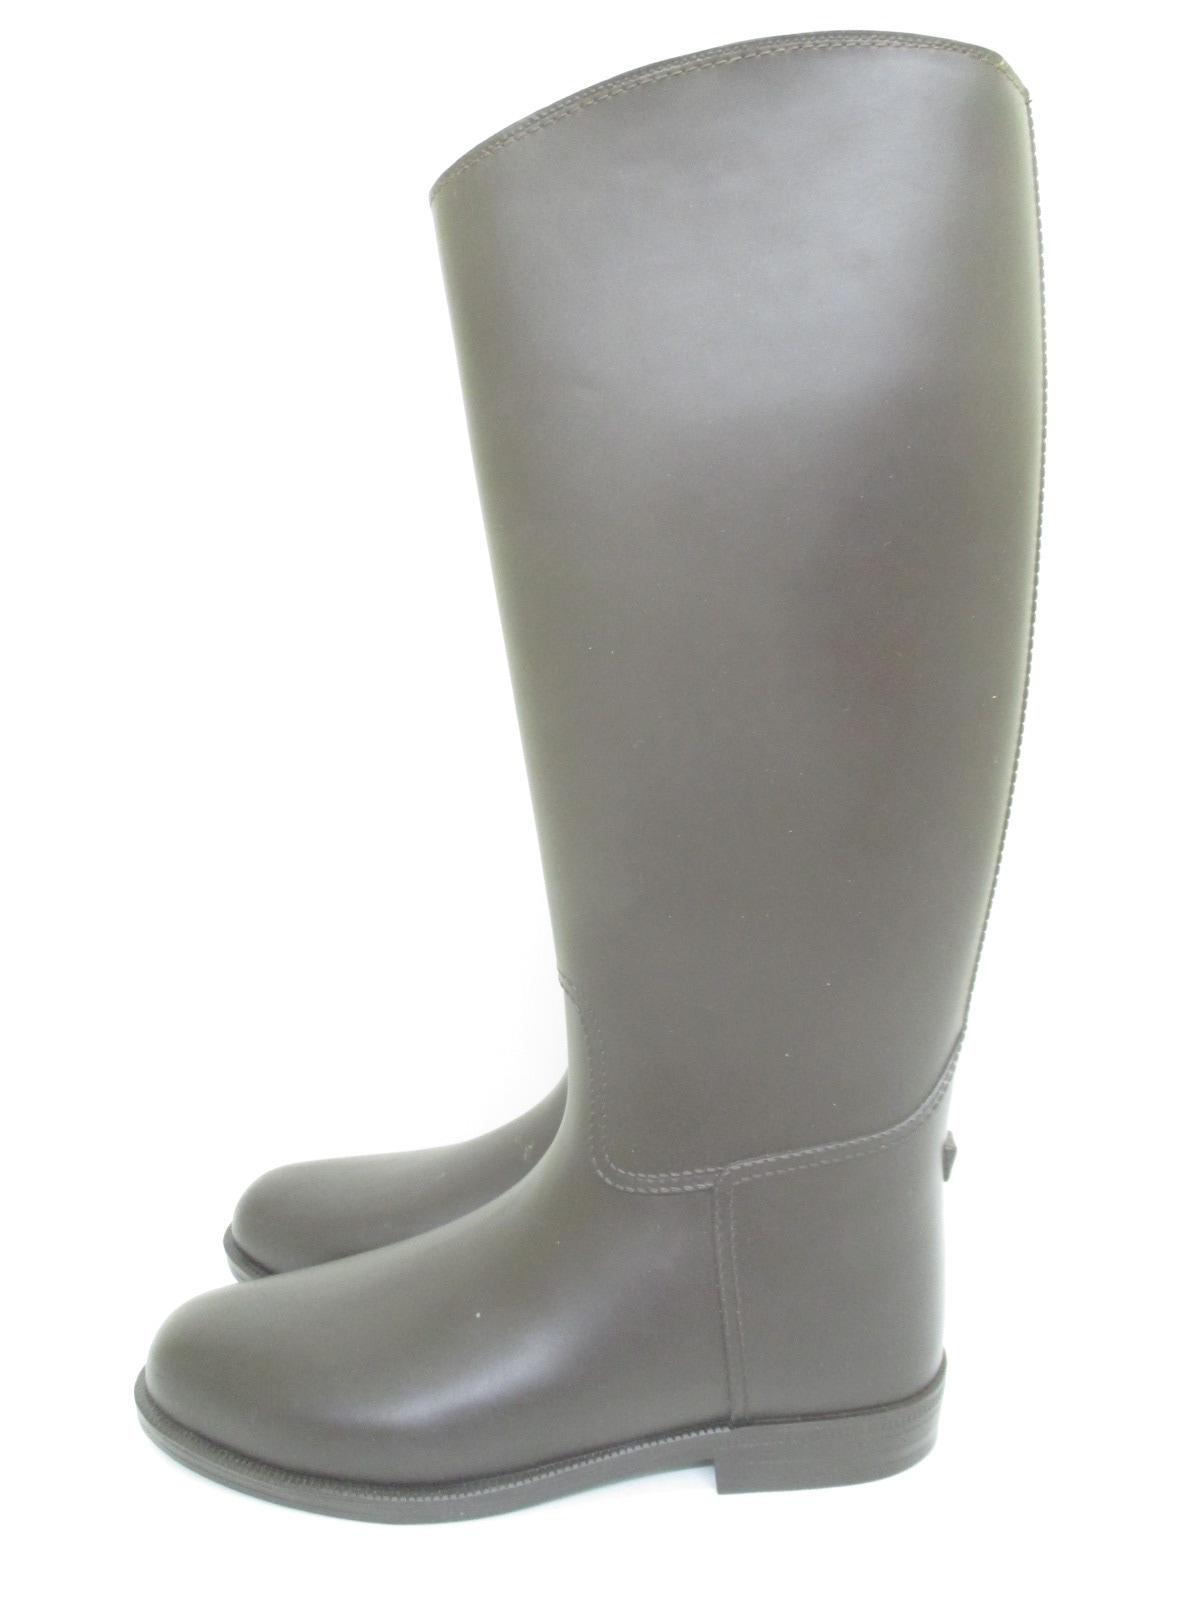 FRAGILE(フラジール)のブーツ